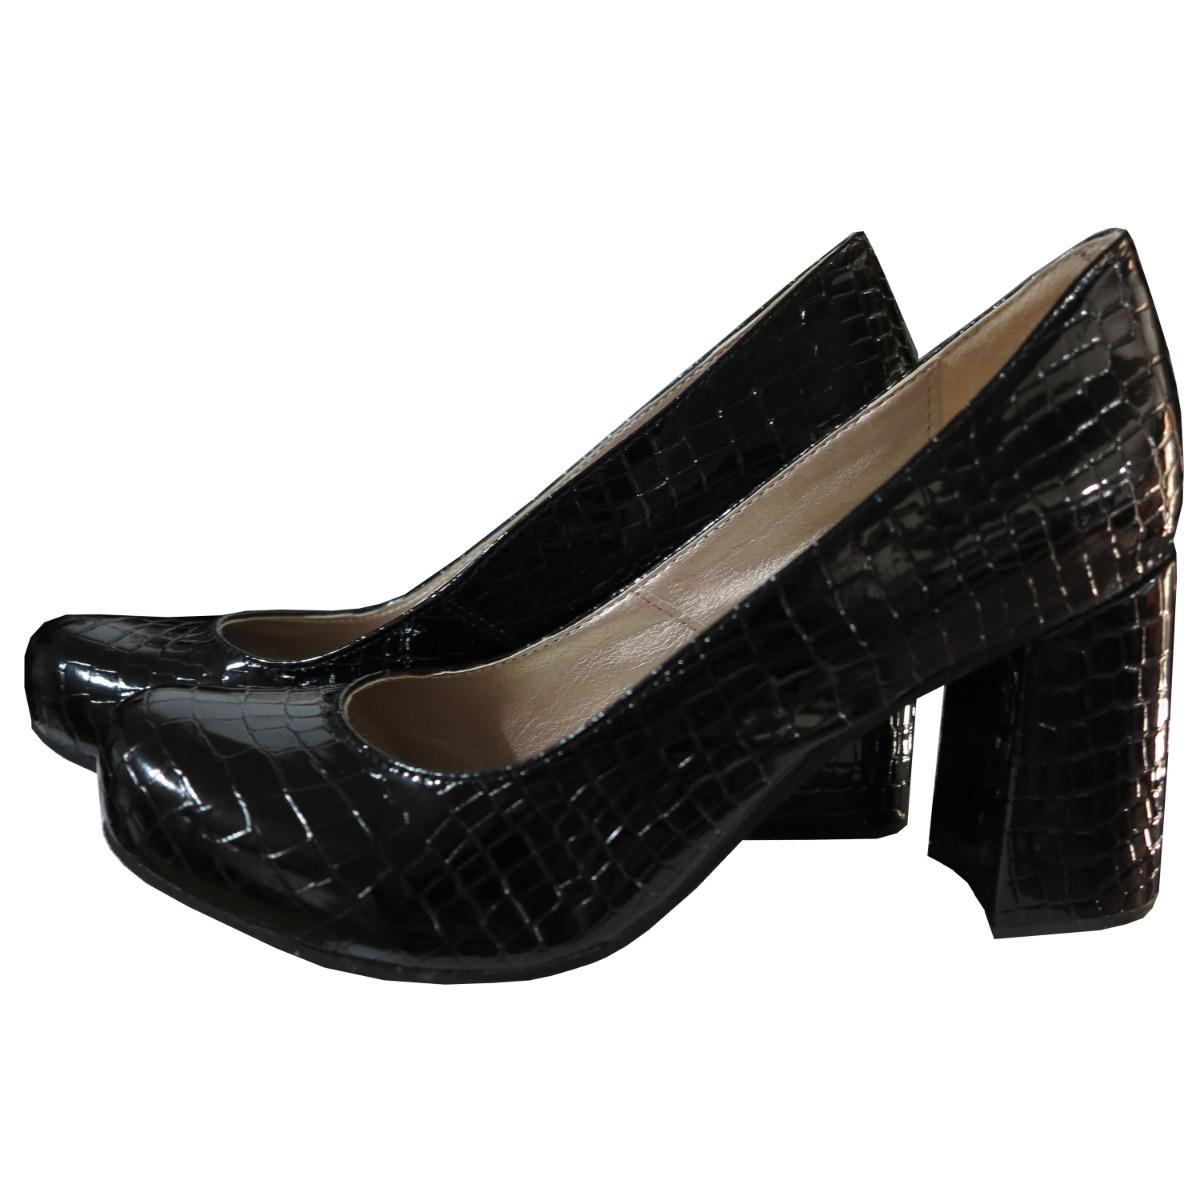 Mujer Taco De Fiesta Especiales Zapatos Alto Gqwrqrae D Talles Charol w58XqH7cI